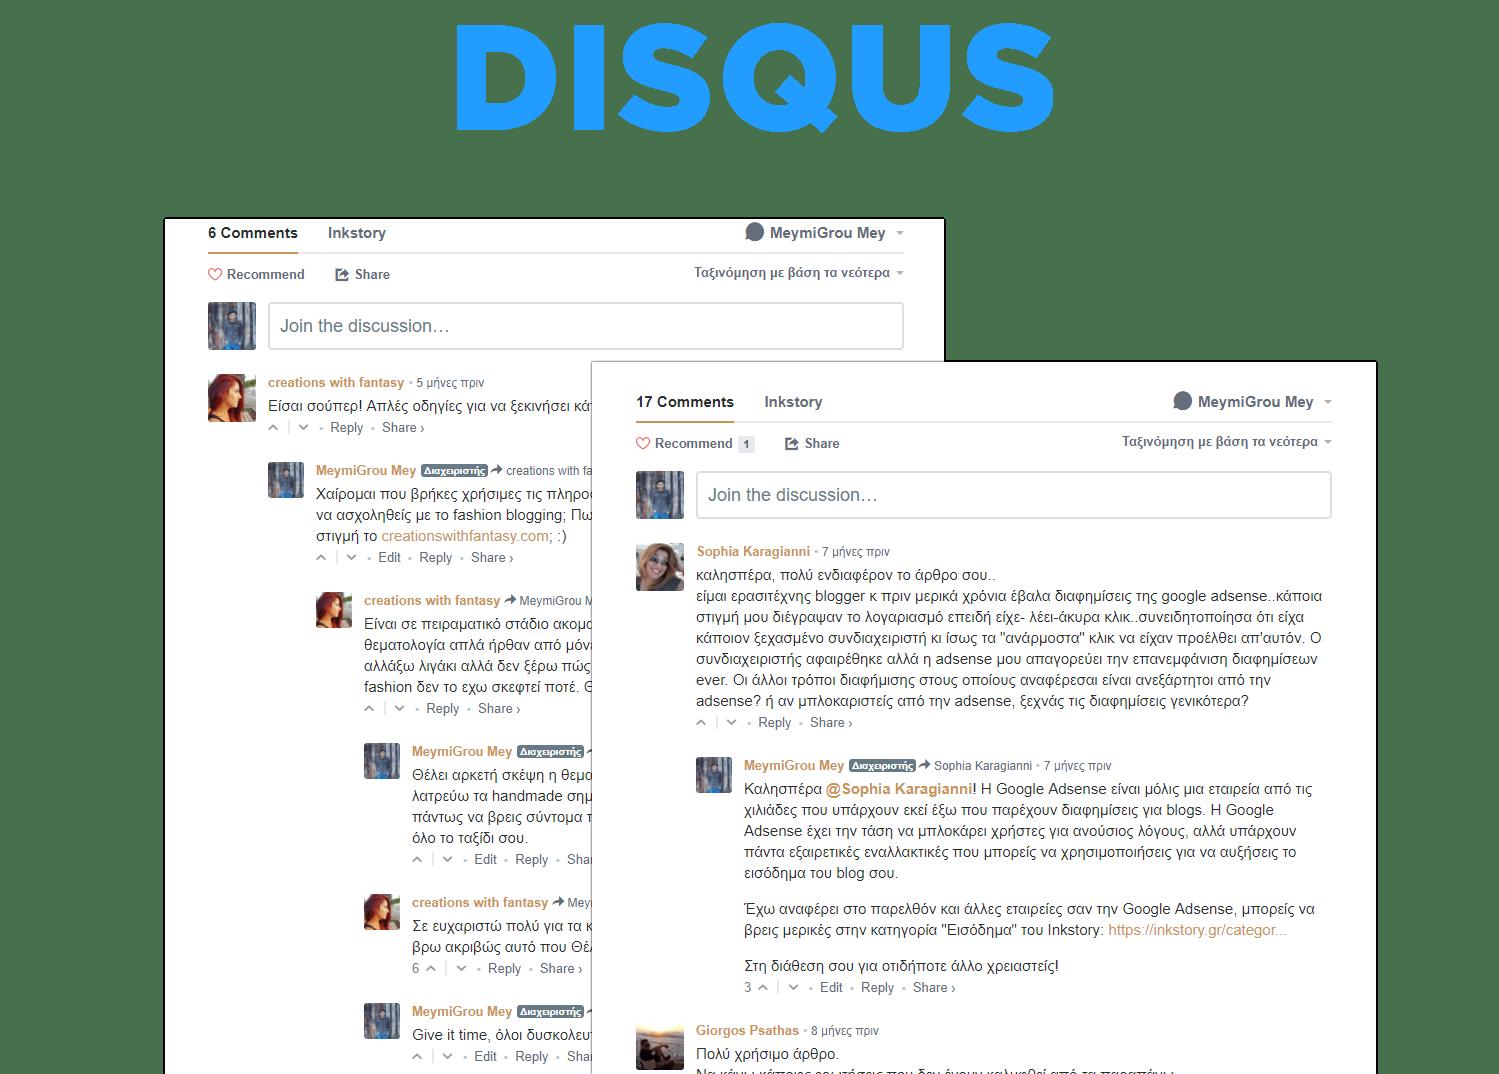 Το Disqus είναι η φόρμα σχολίων που κάθε blogger πρέπει να έχει